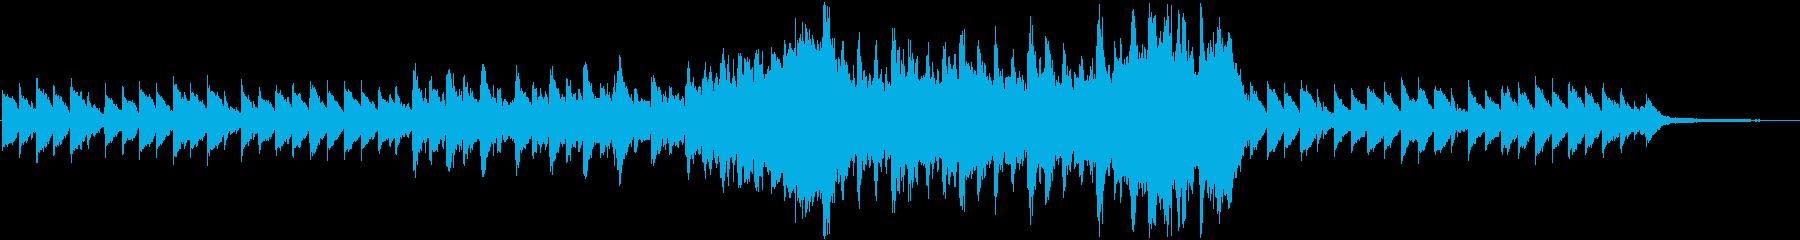 爽やかで壮大なオーケストラBGMの再生済みの波形